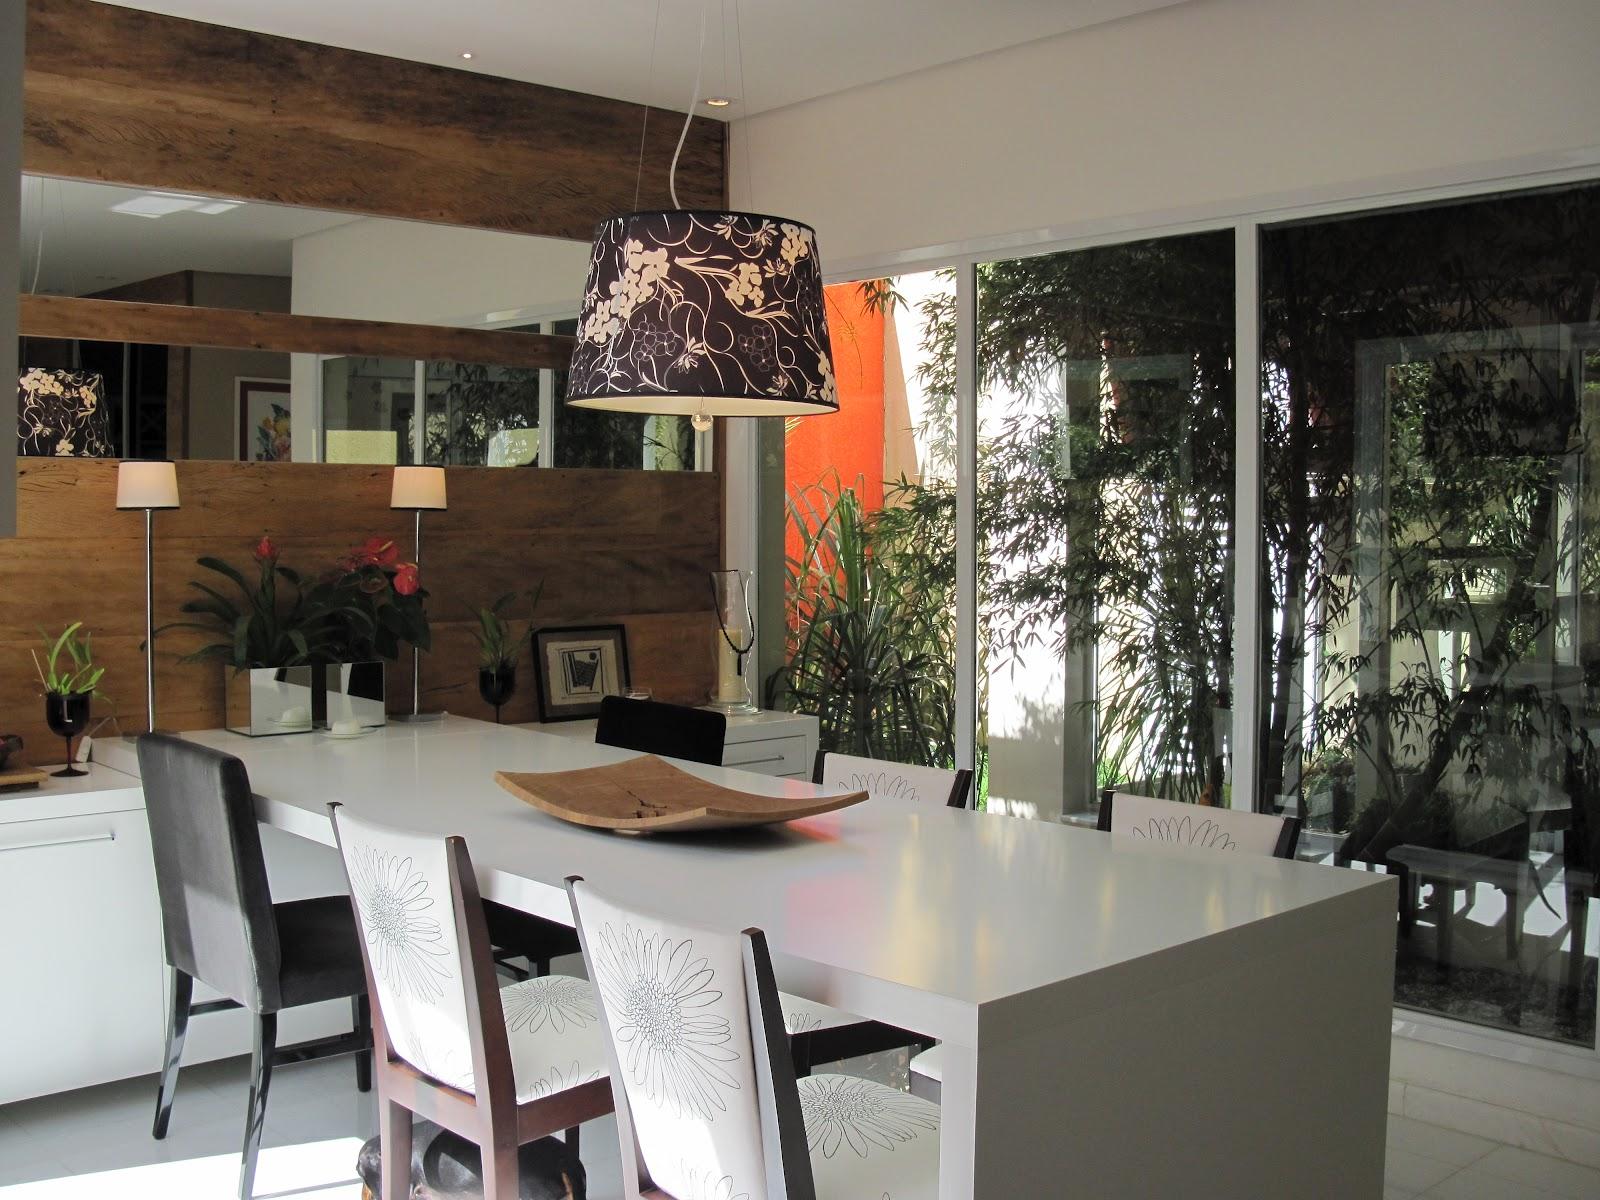 Sala Jantar Laca Preta ~ Mesas de Jantar em Laca Colorida (Parte 2)  A CASA DAS GURIAS